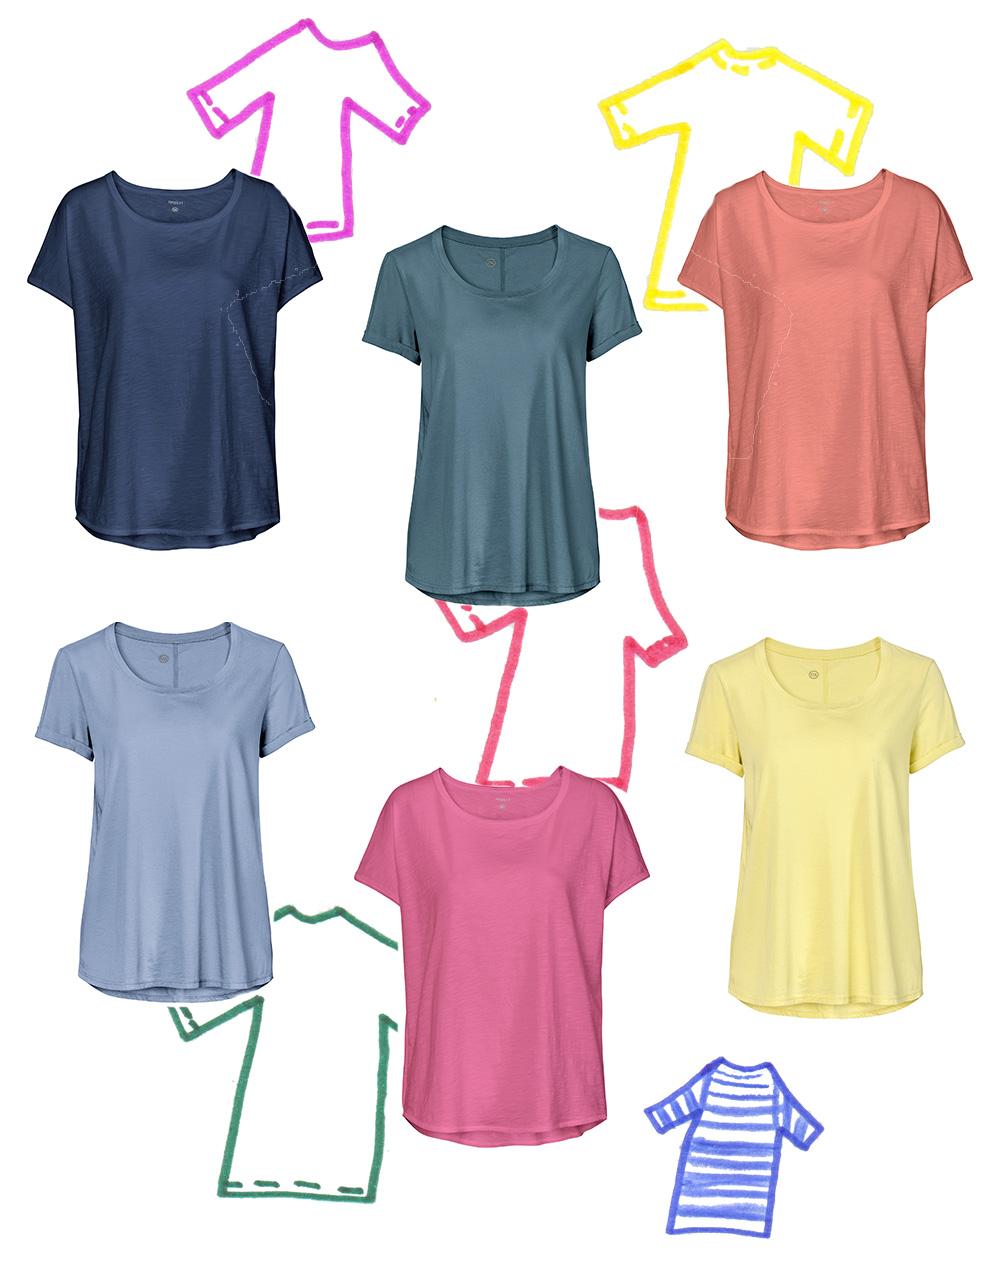 femtastics-Themenwoche-cradle-to-cradle-c-und-a-t-shirts